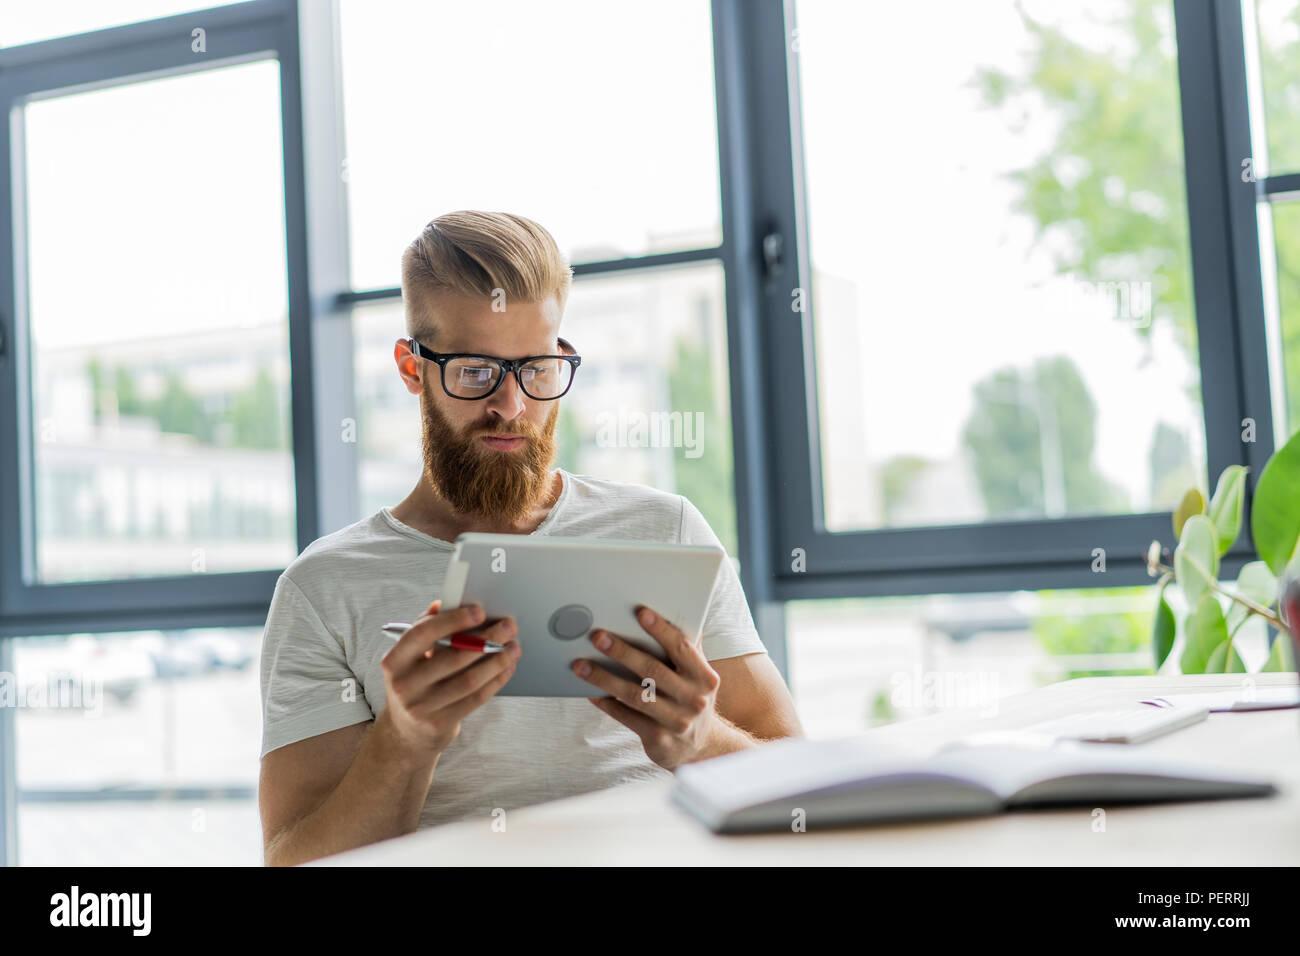 Le multitâche. Beau jeune homme portant des lunettes et de travail avec surface tactile tout en étant assis sur le canapé dans office Photo Stock